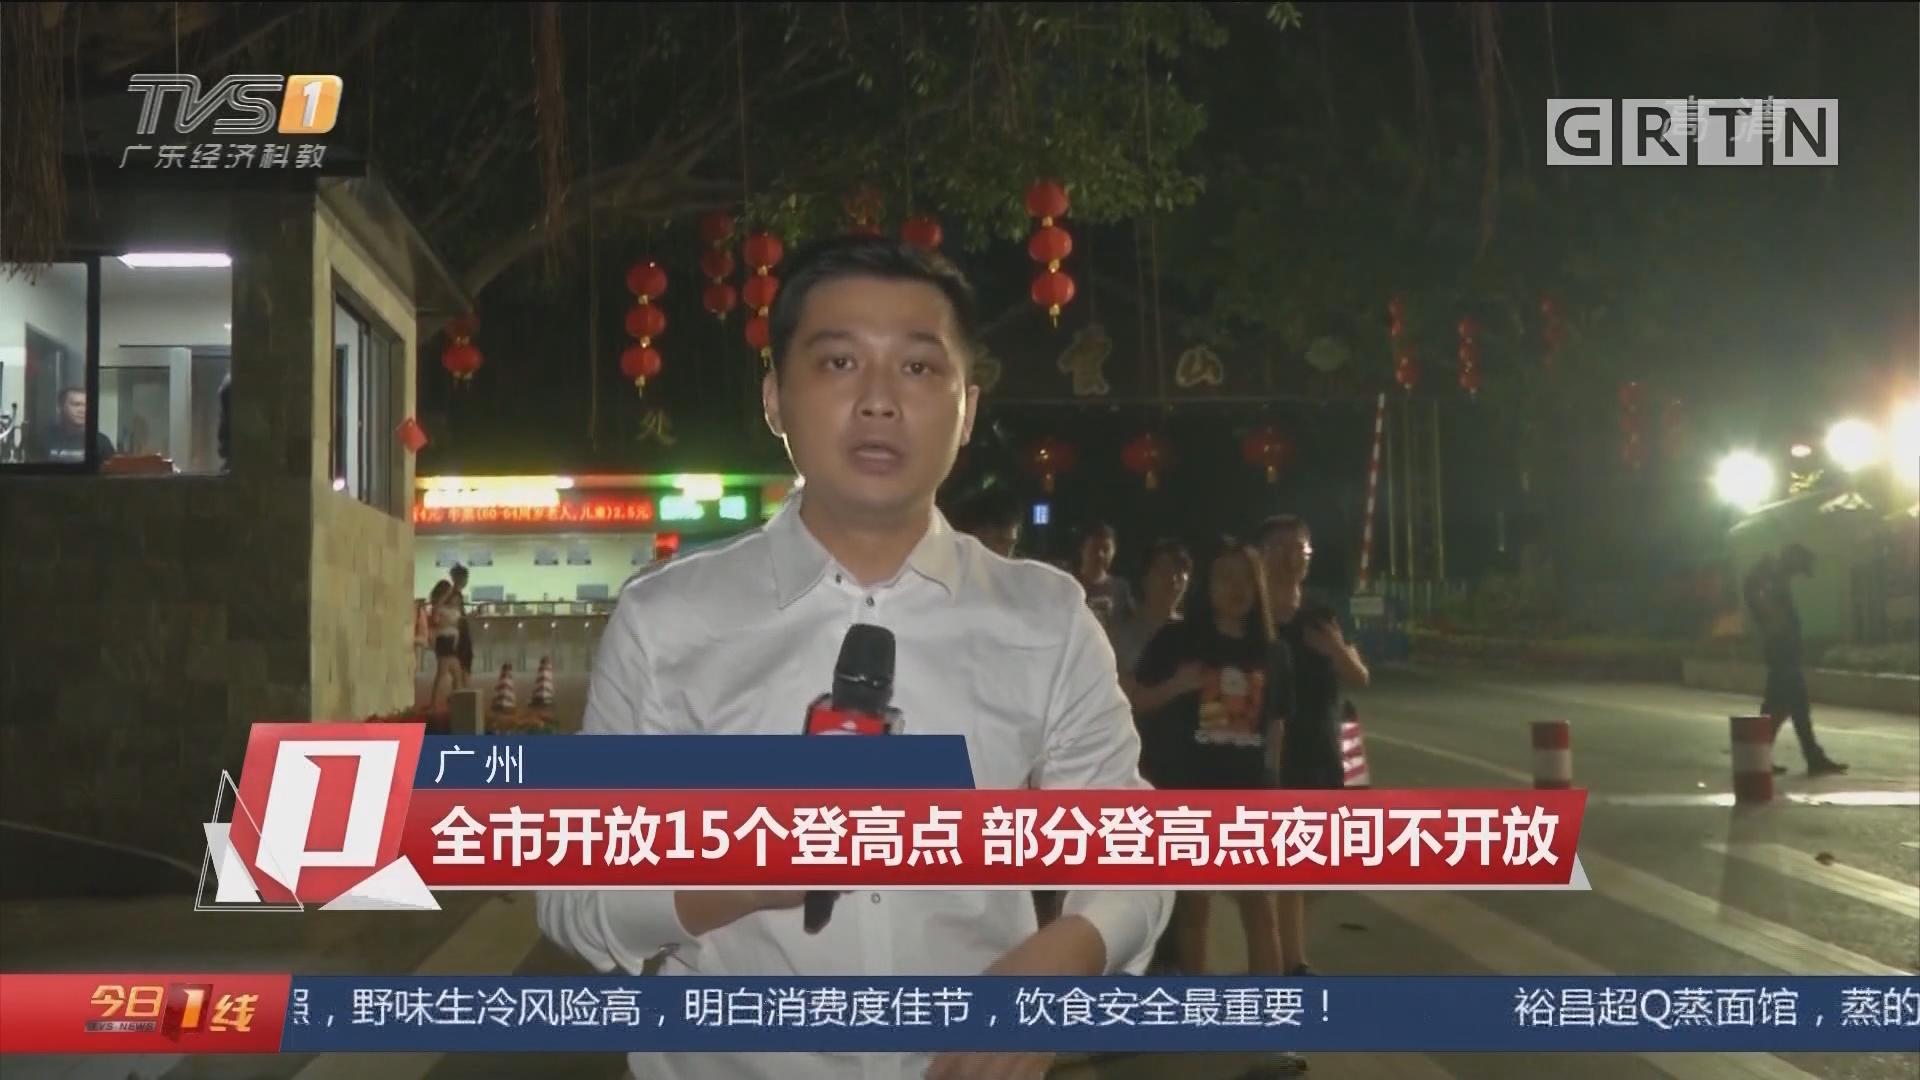 广州:全市开放15个登高点 部分登高点夜间不开放